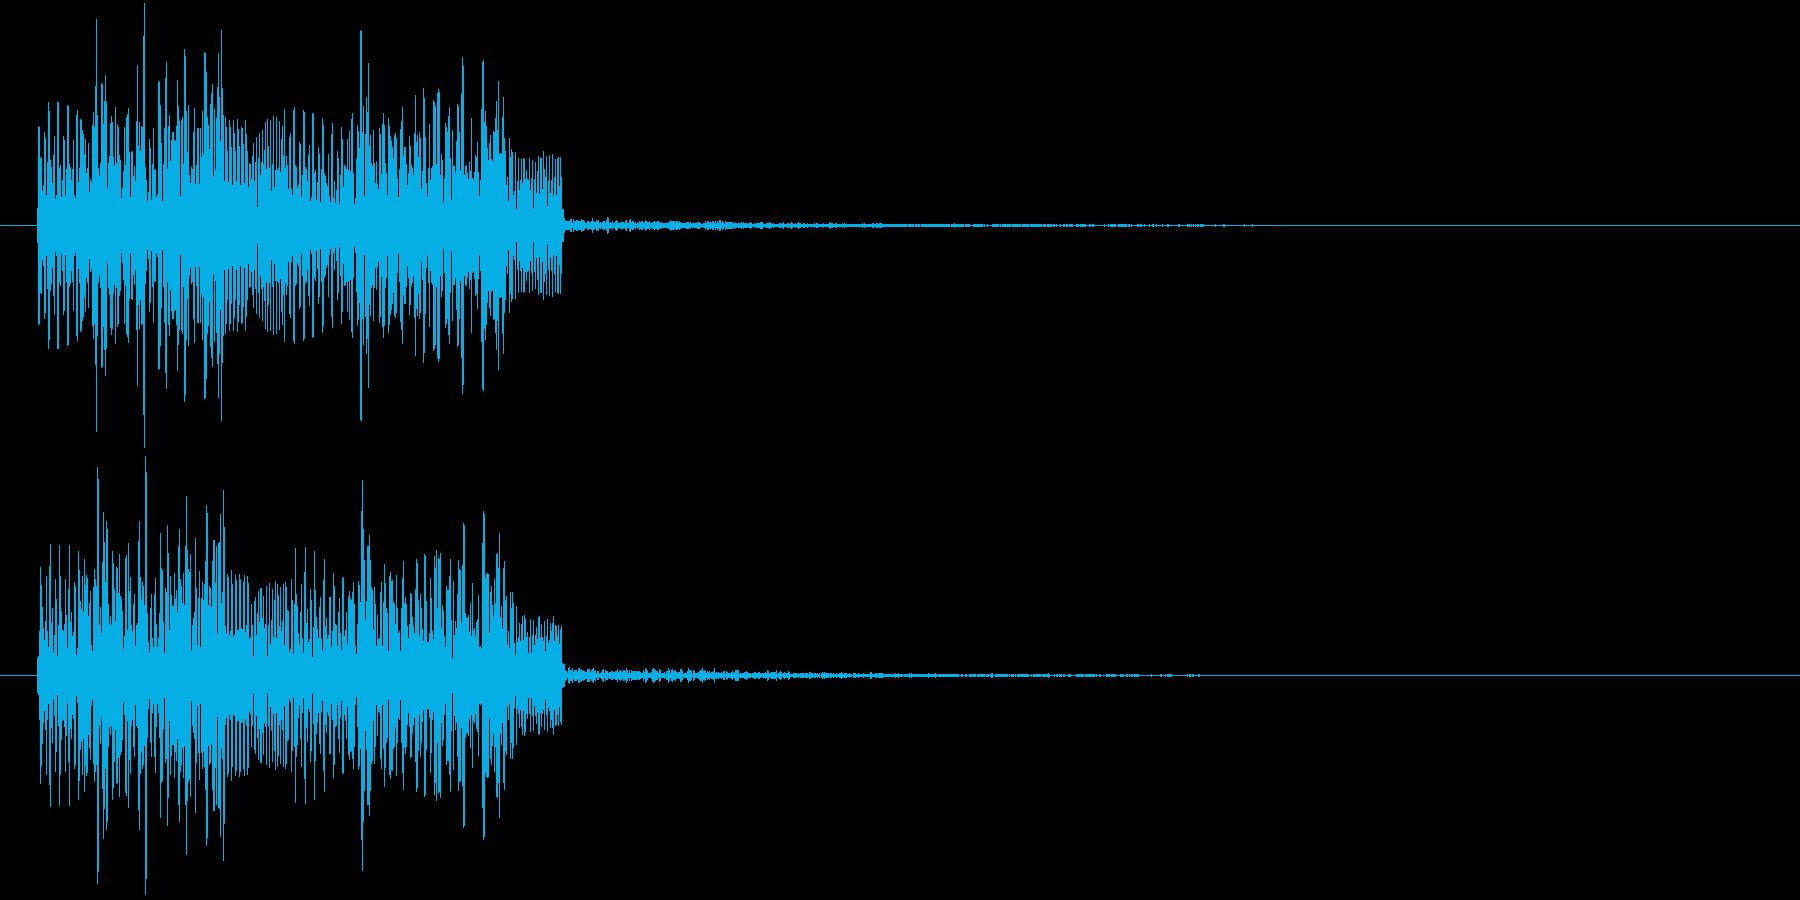 パワーダウン等 ネガティブな音の再生済みの波形